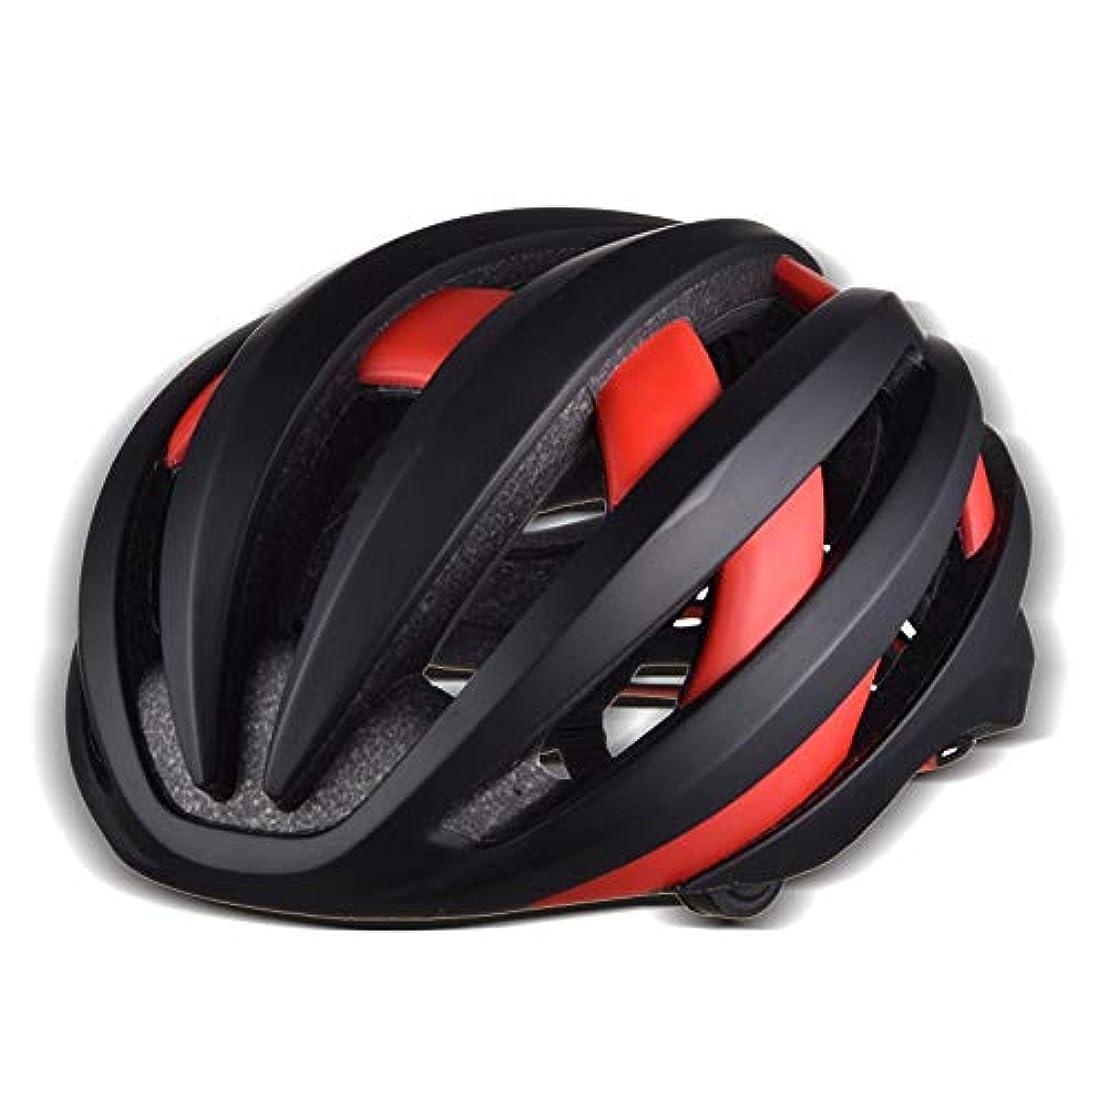 学習者小間拮抗ETH LEDスマートブルートゥース、マットブルー/レッドヘルメット乗馬用品、屋外スポーツ、ヘルメットバイク用品 保護 (色 : Red)